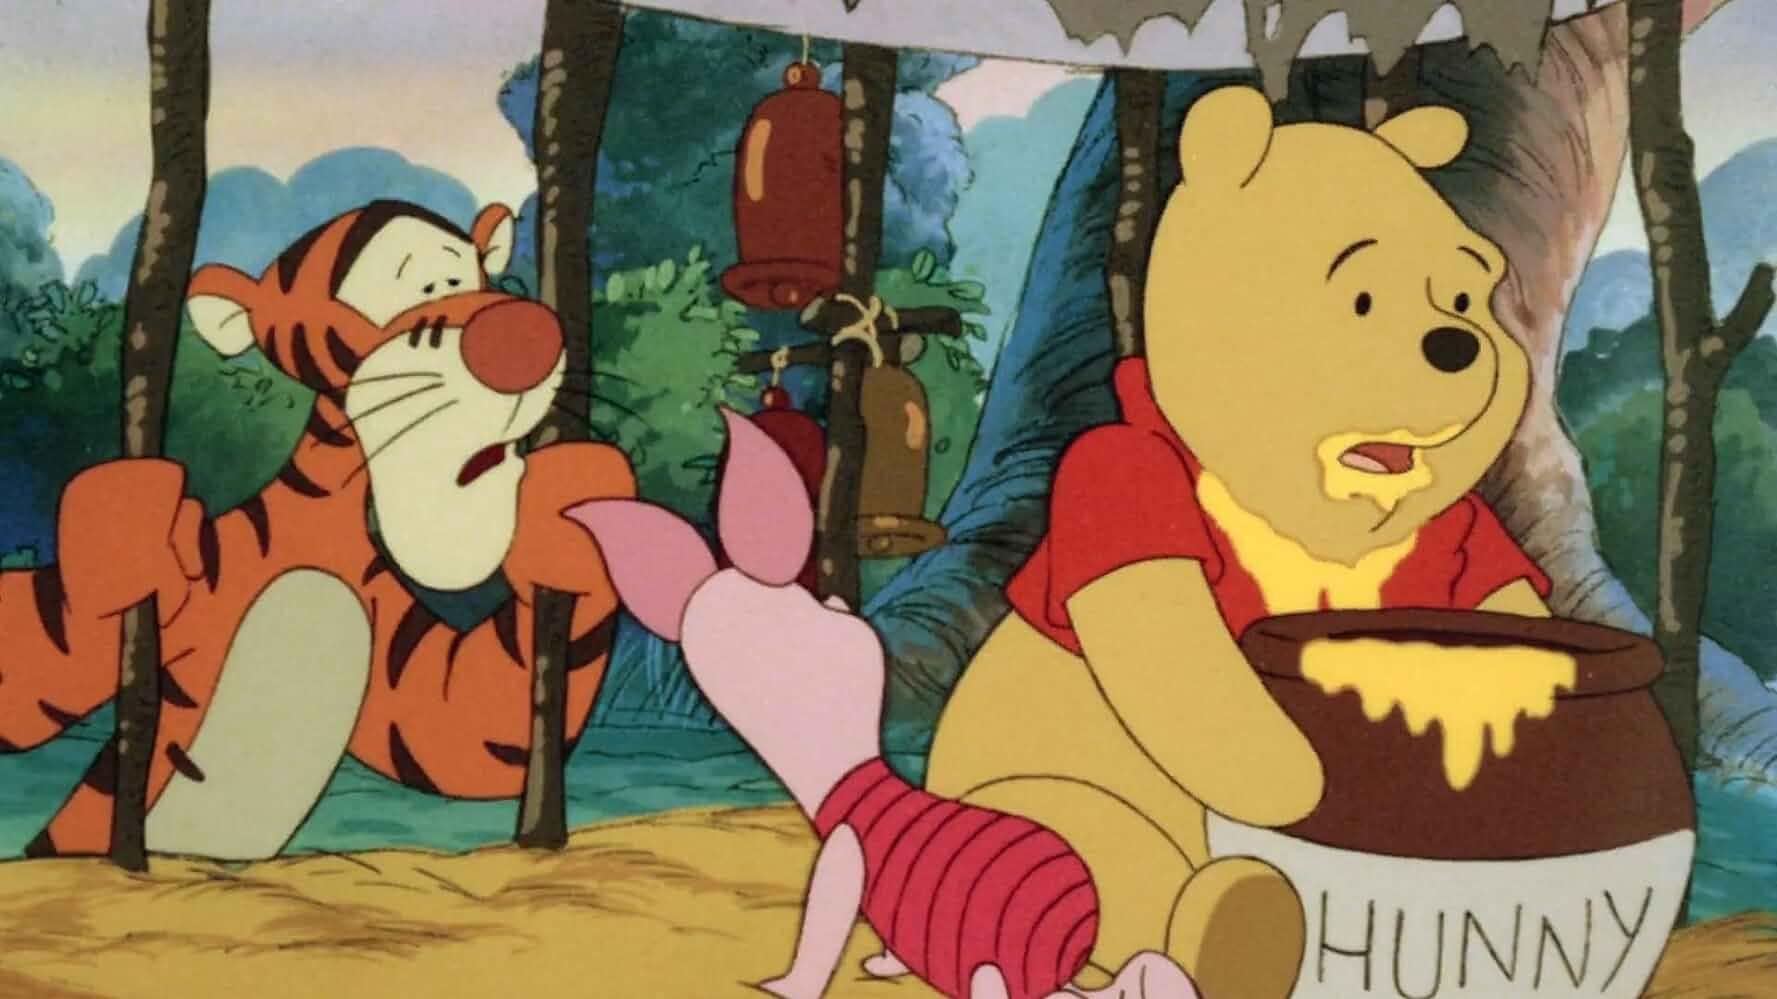 pooh - 90s Cartoons